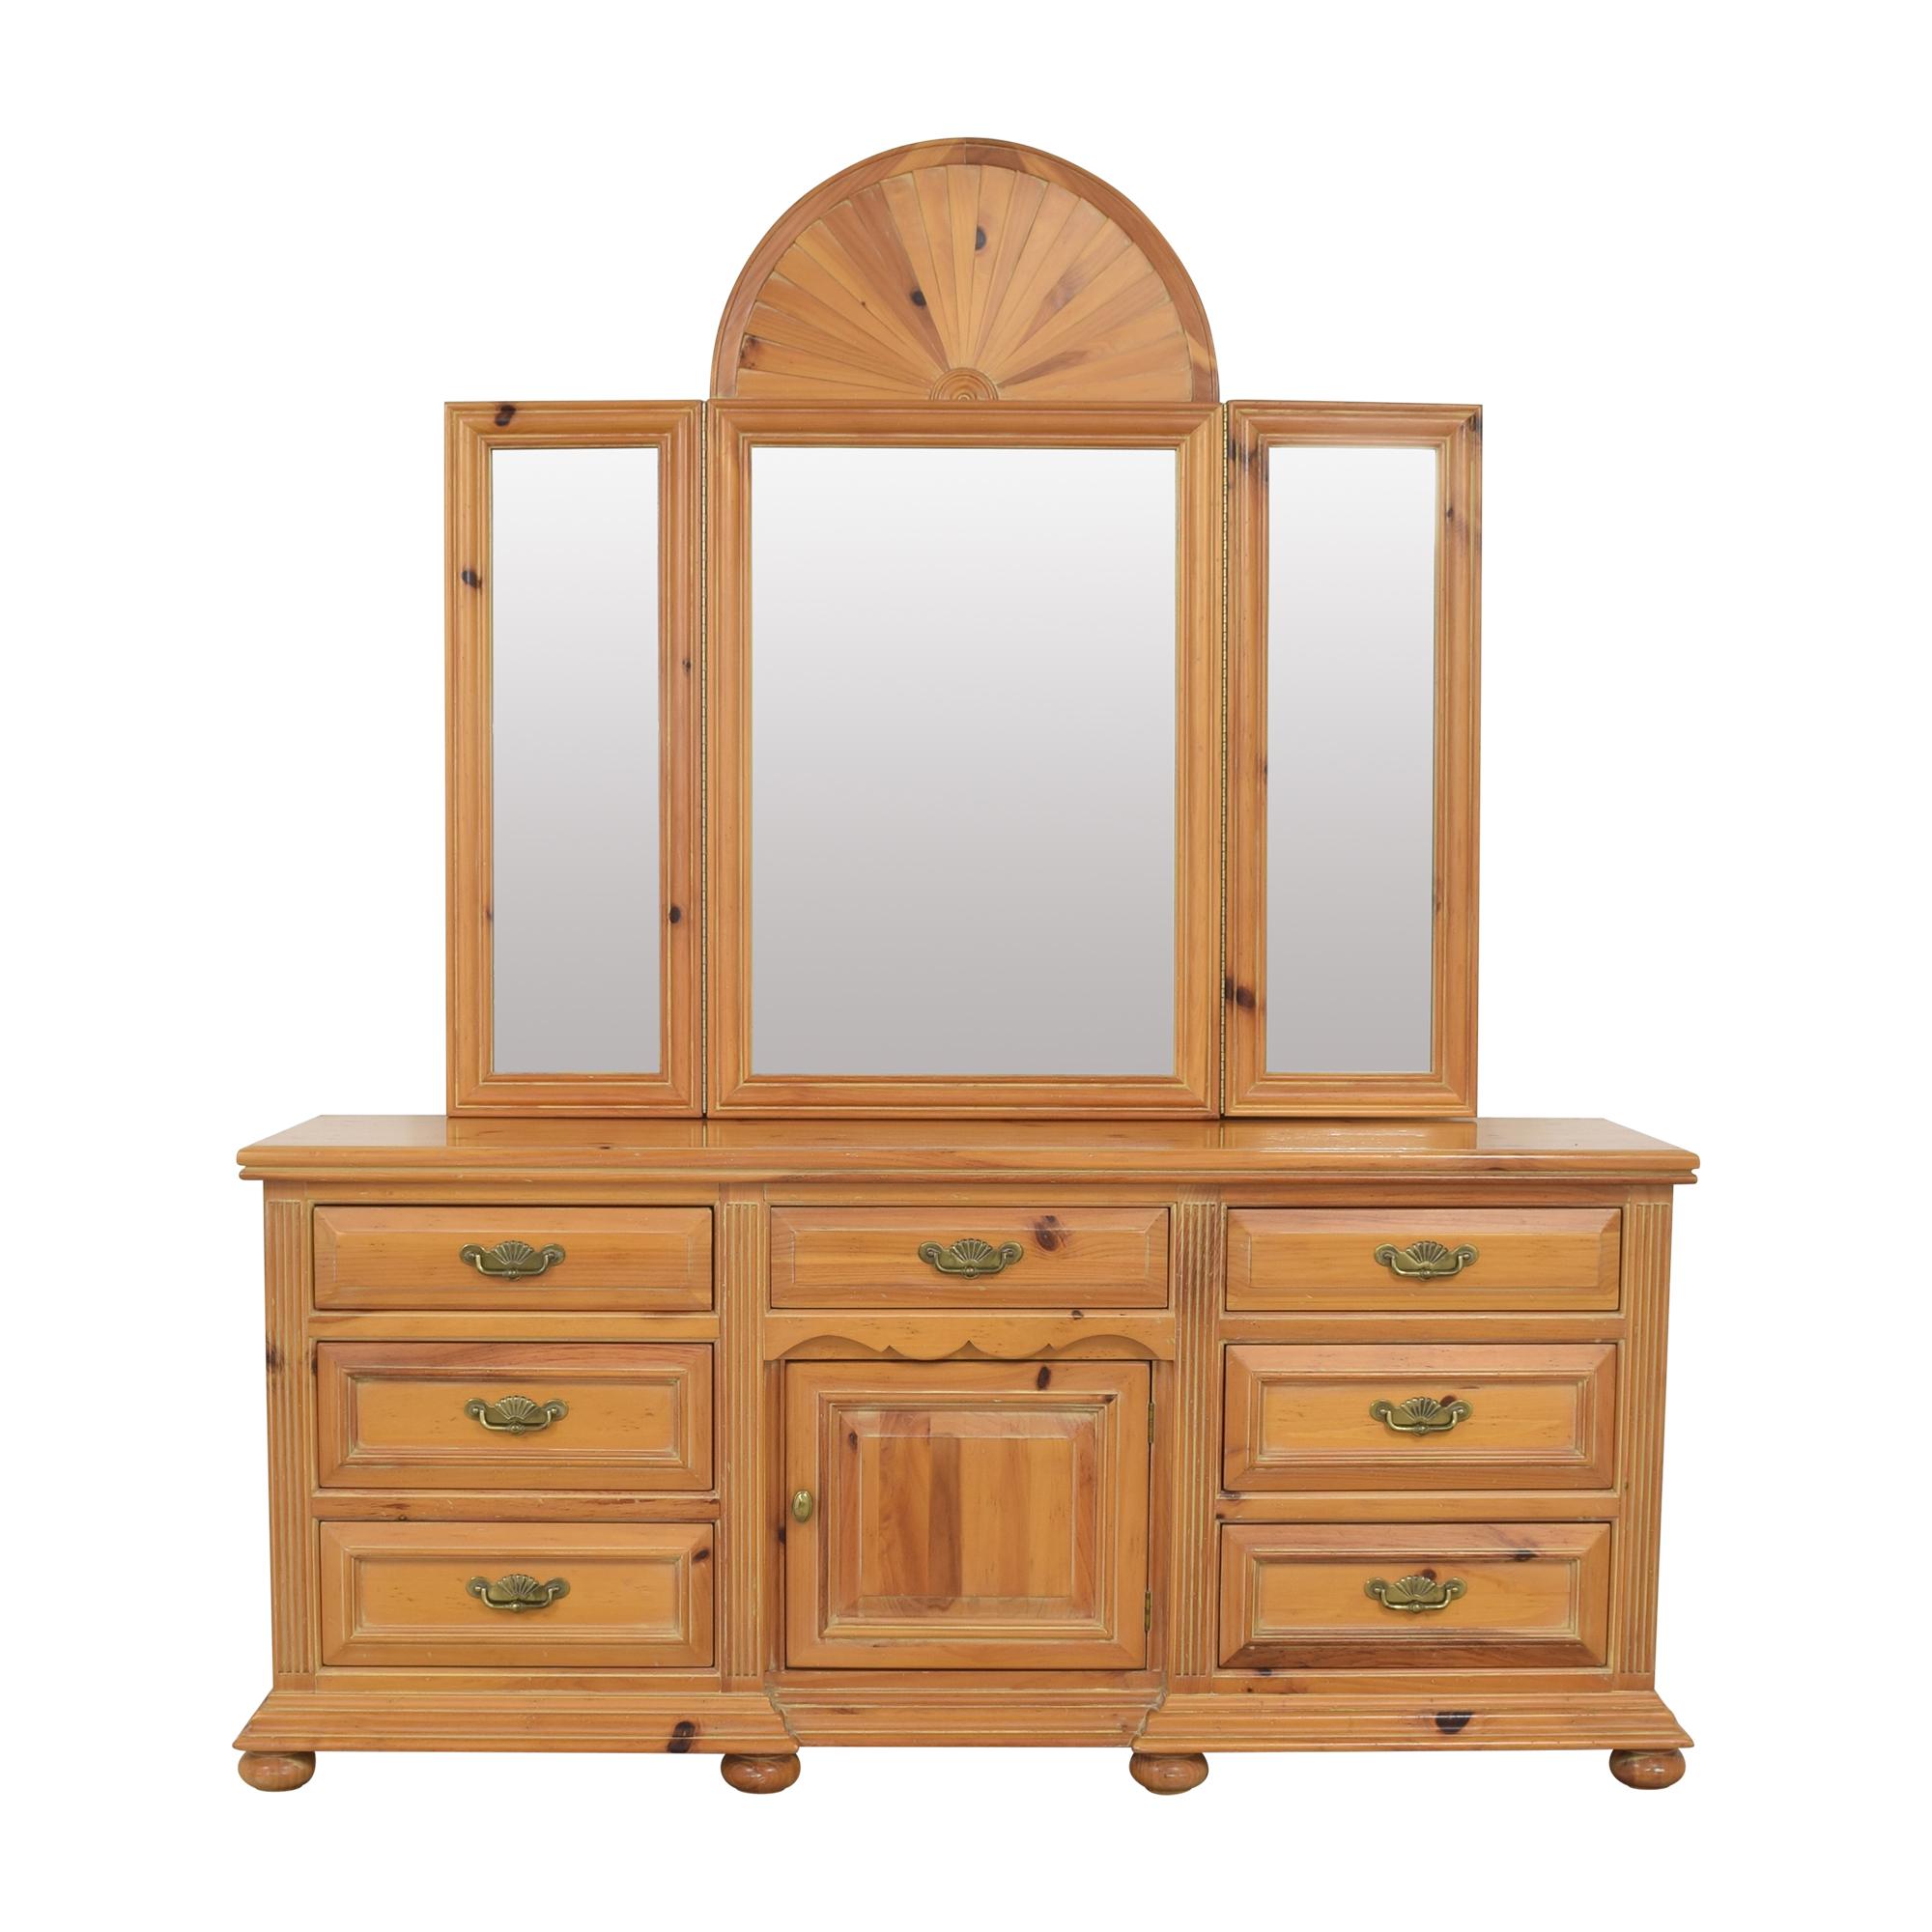 Oskar Huber Vanity Dresser with Trifold Mirror